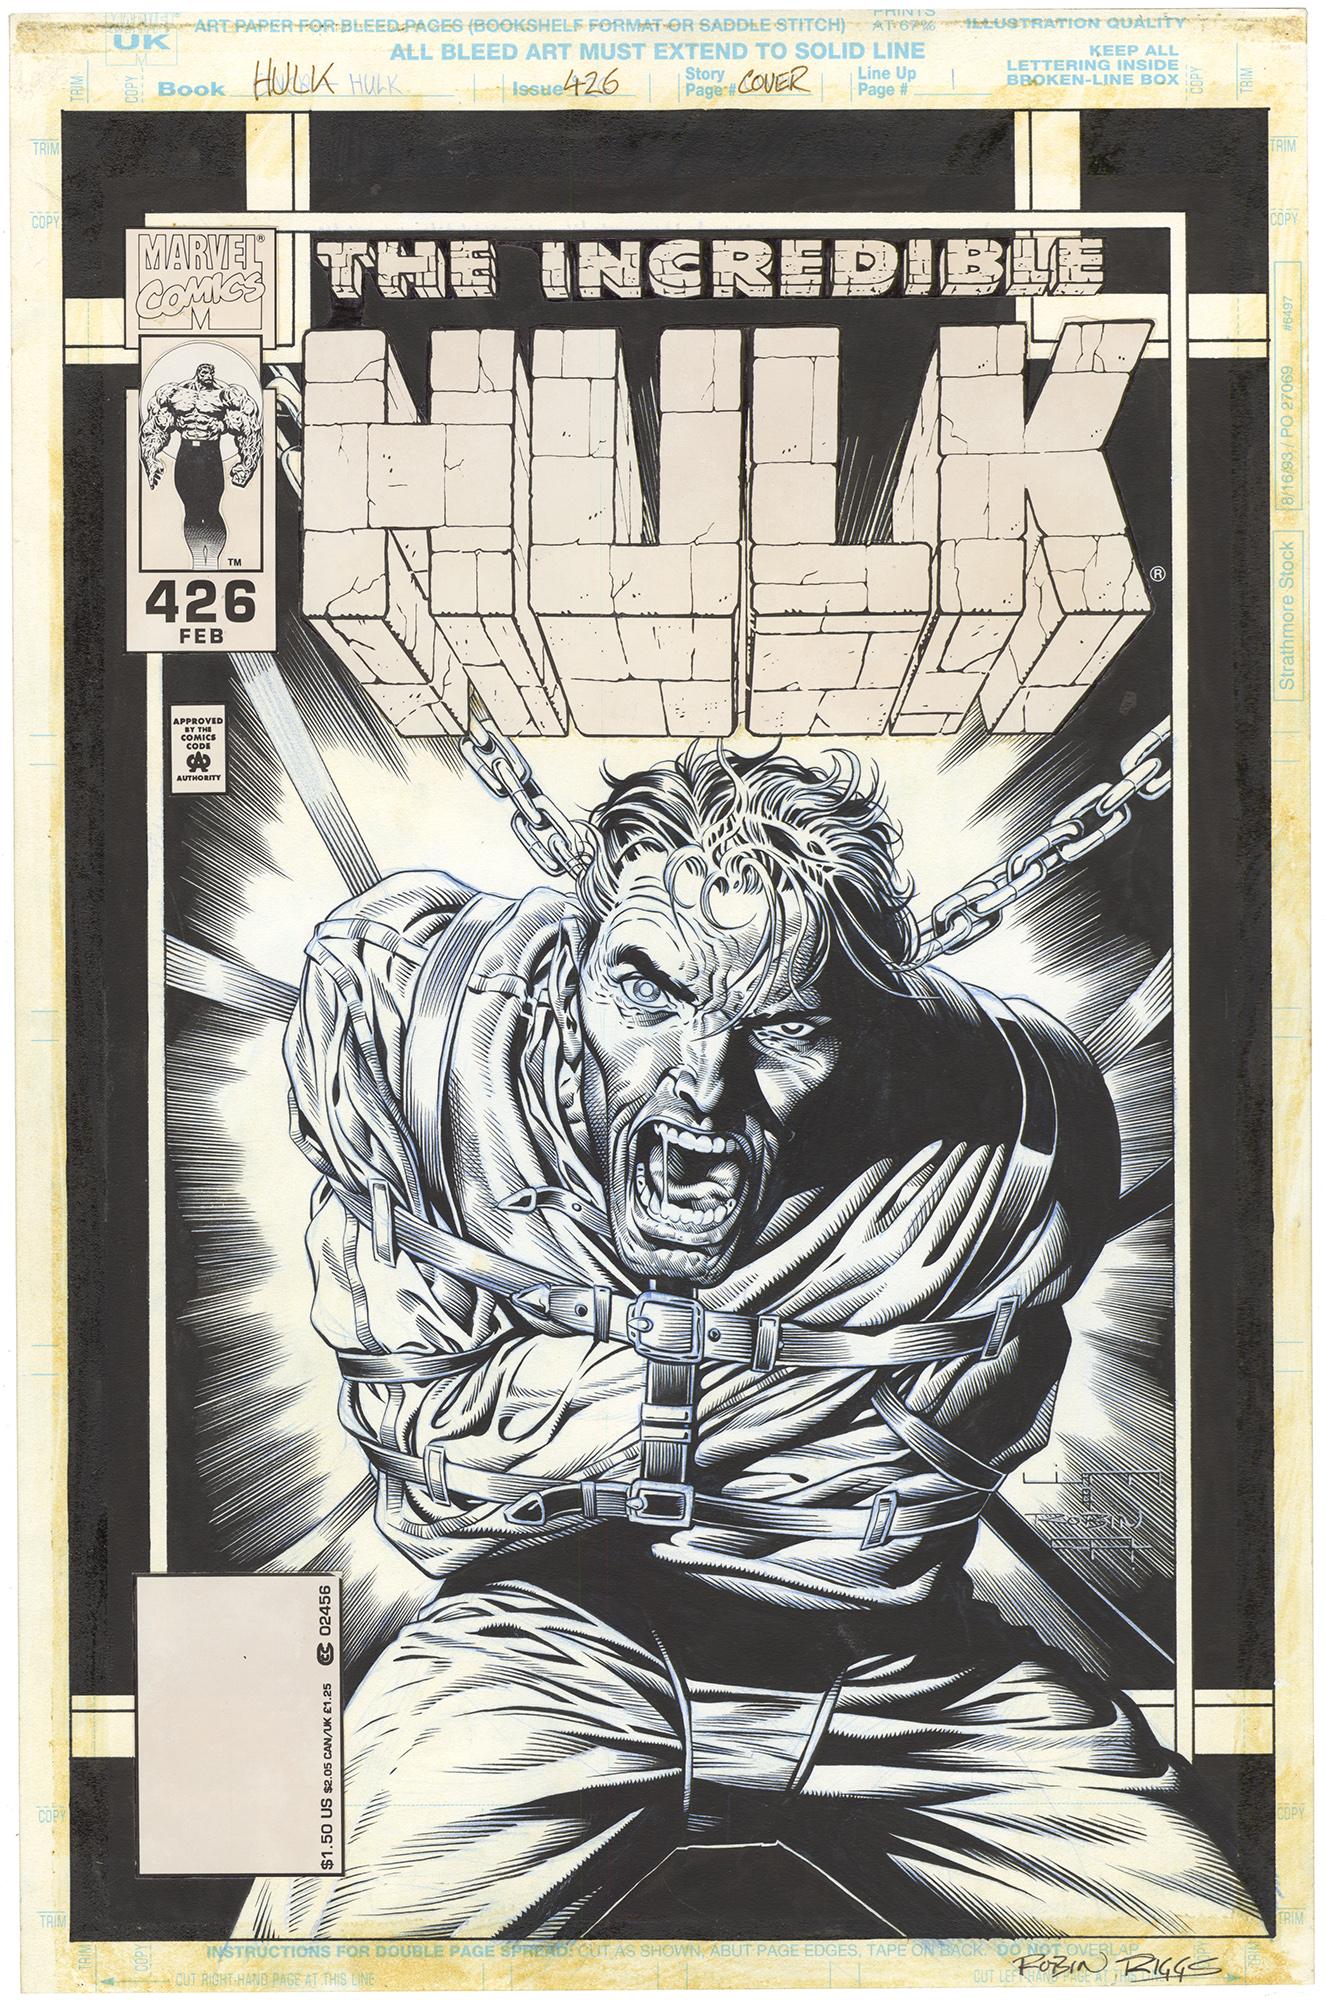 Incredible Hulk #426 Cover